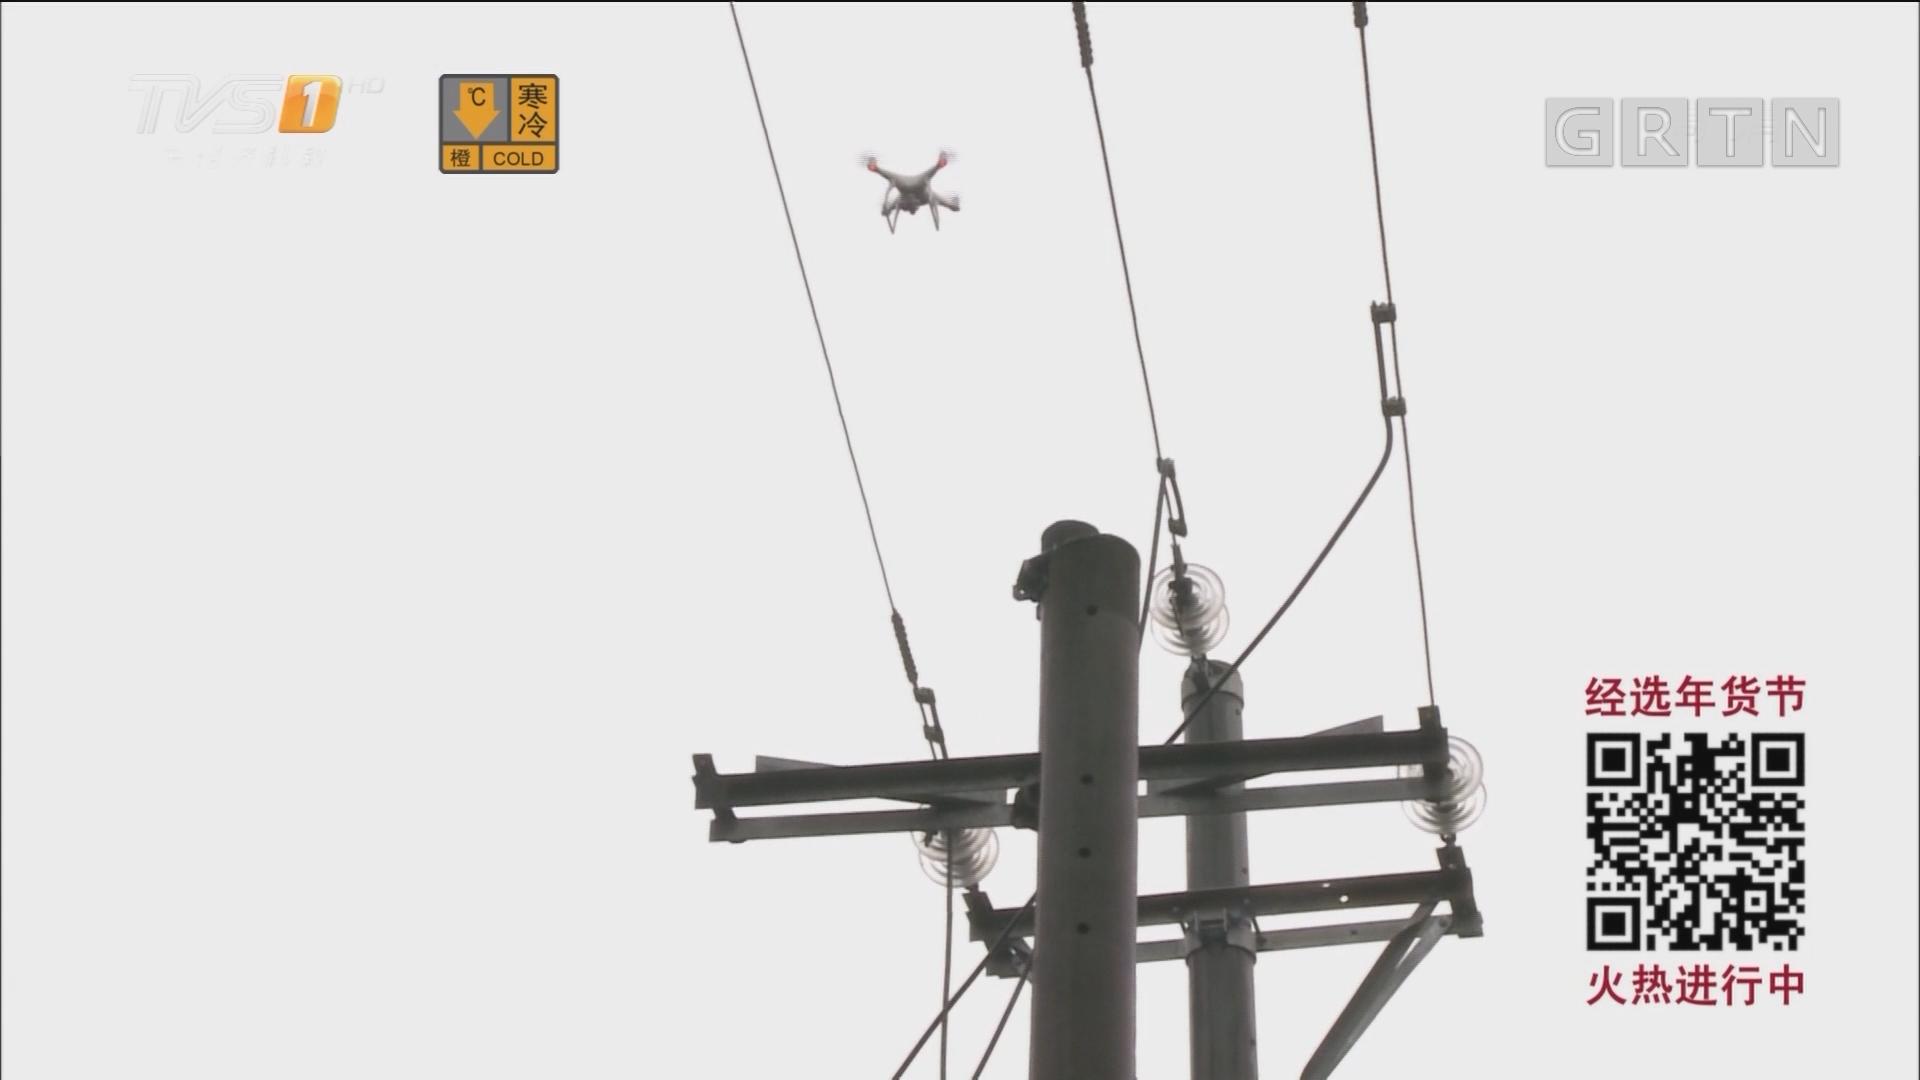 直击寒潮:连州冰雪成灾 供电部门严阵以待